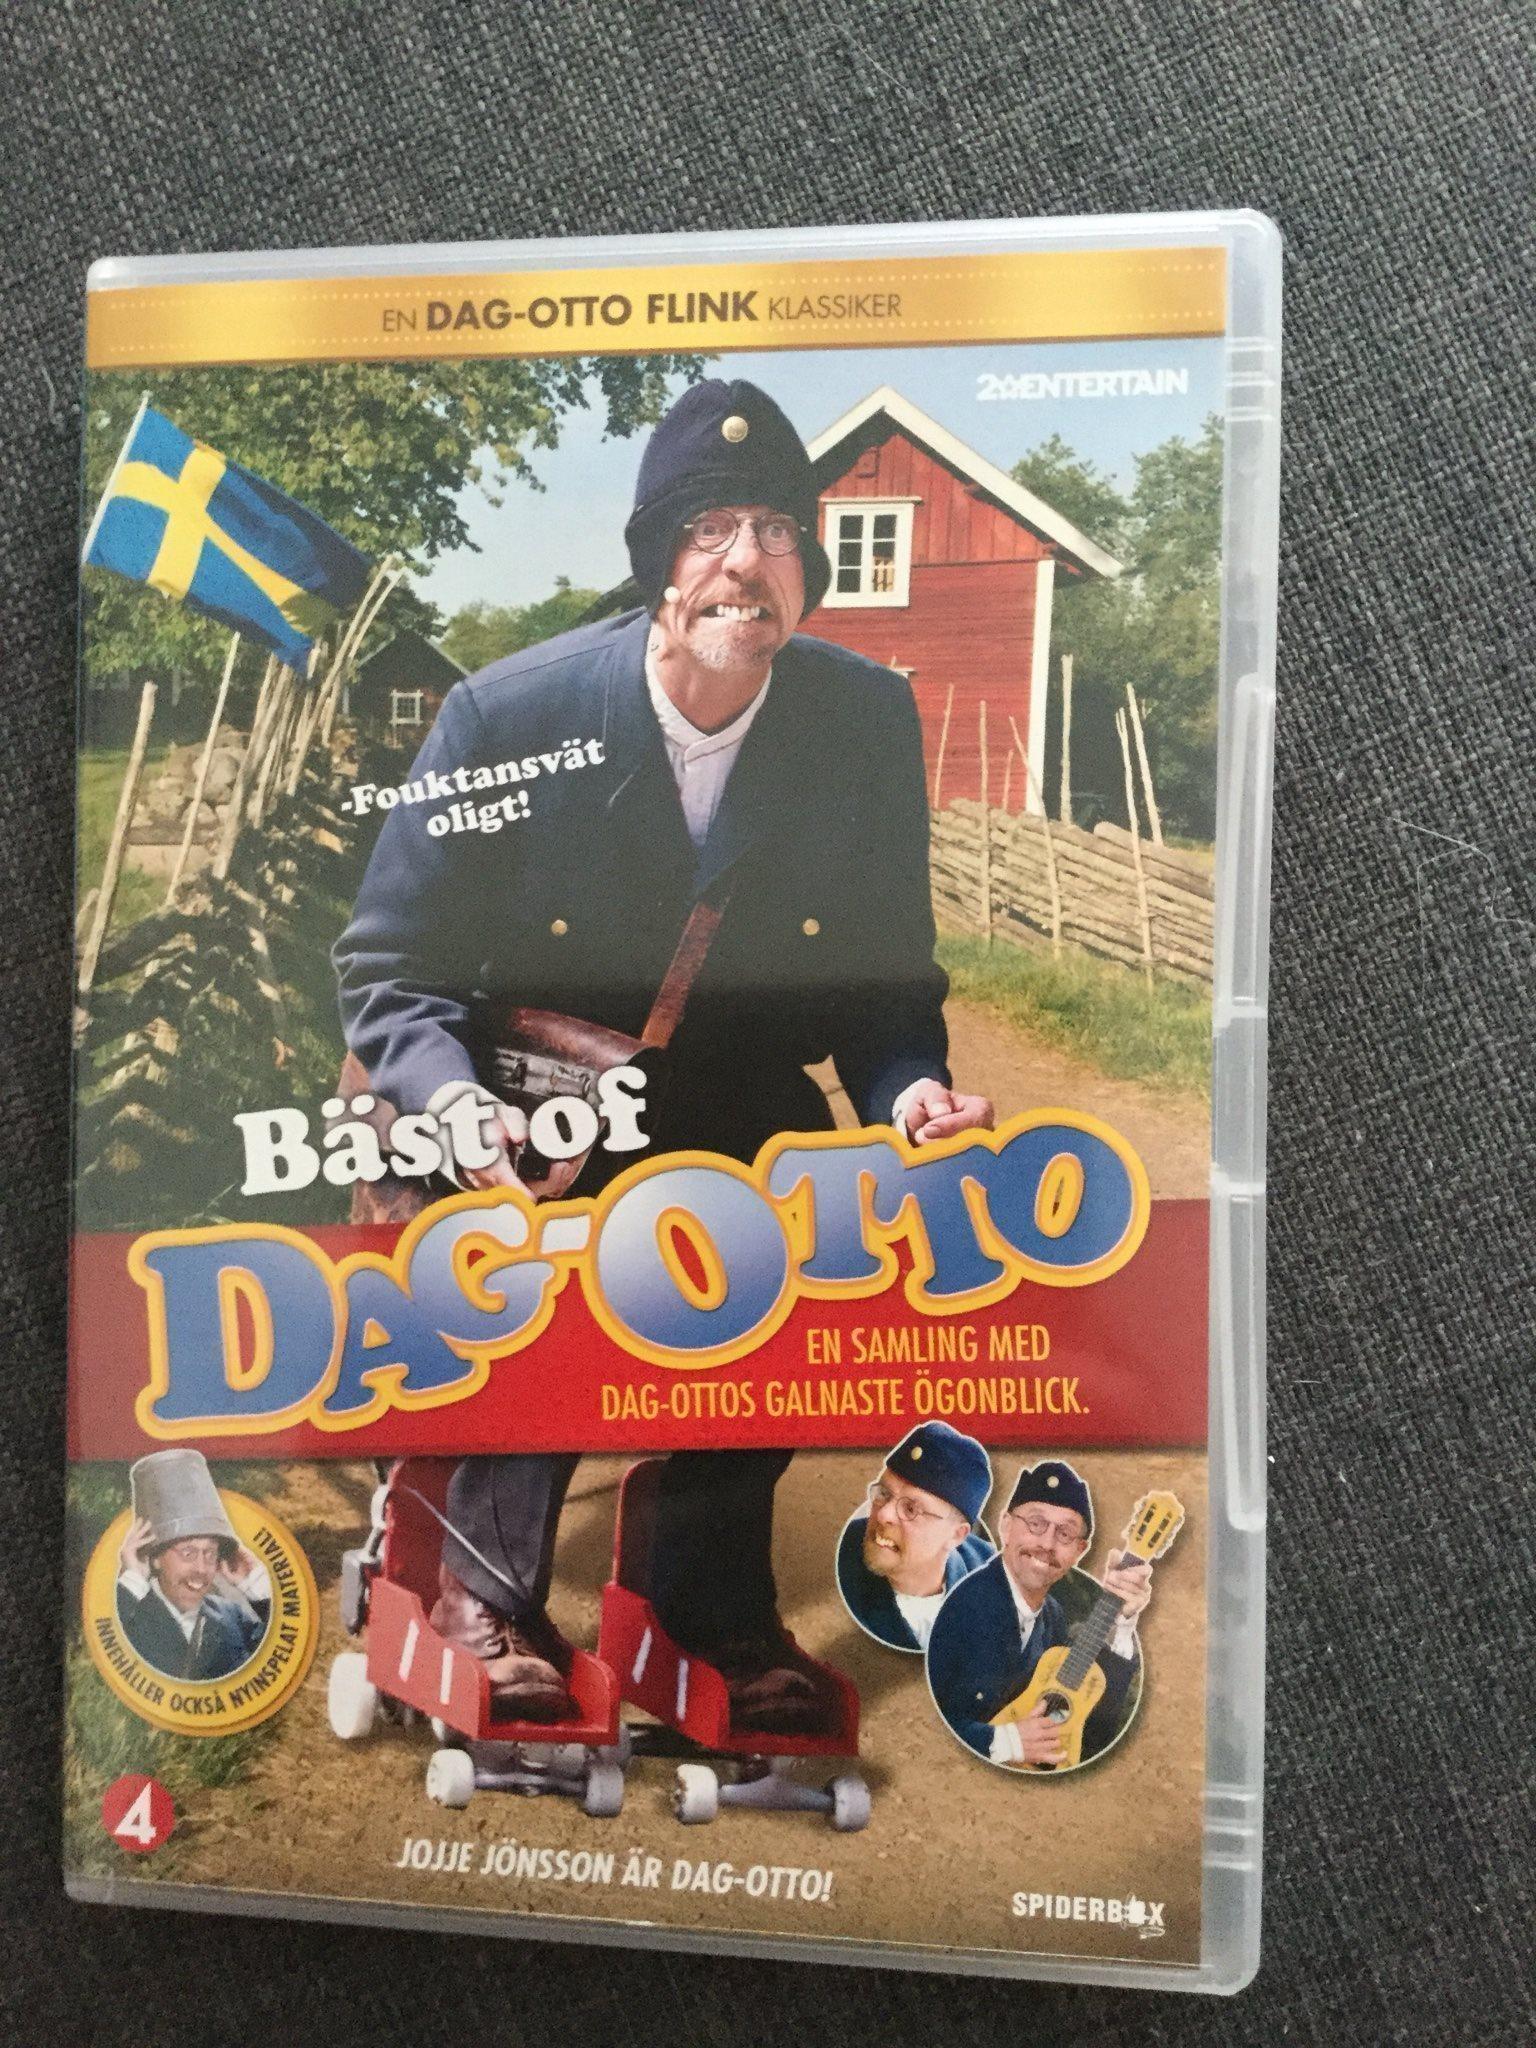 dag otto dvd